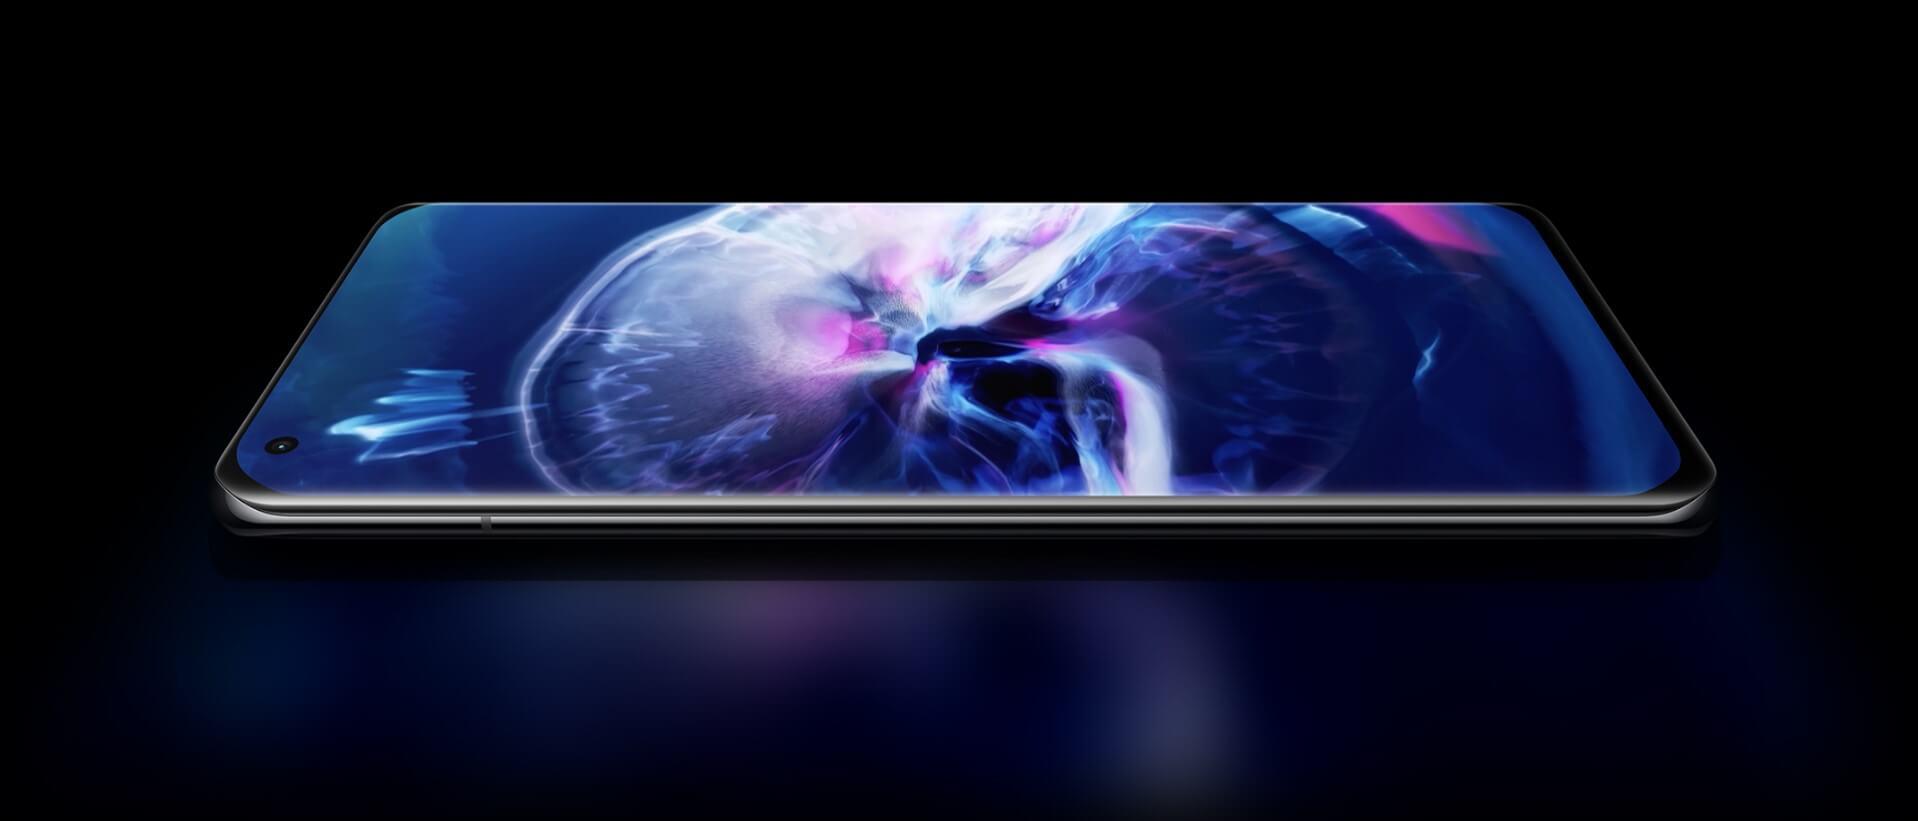 Xiaomi Mi 11 Proのディスプレイ